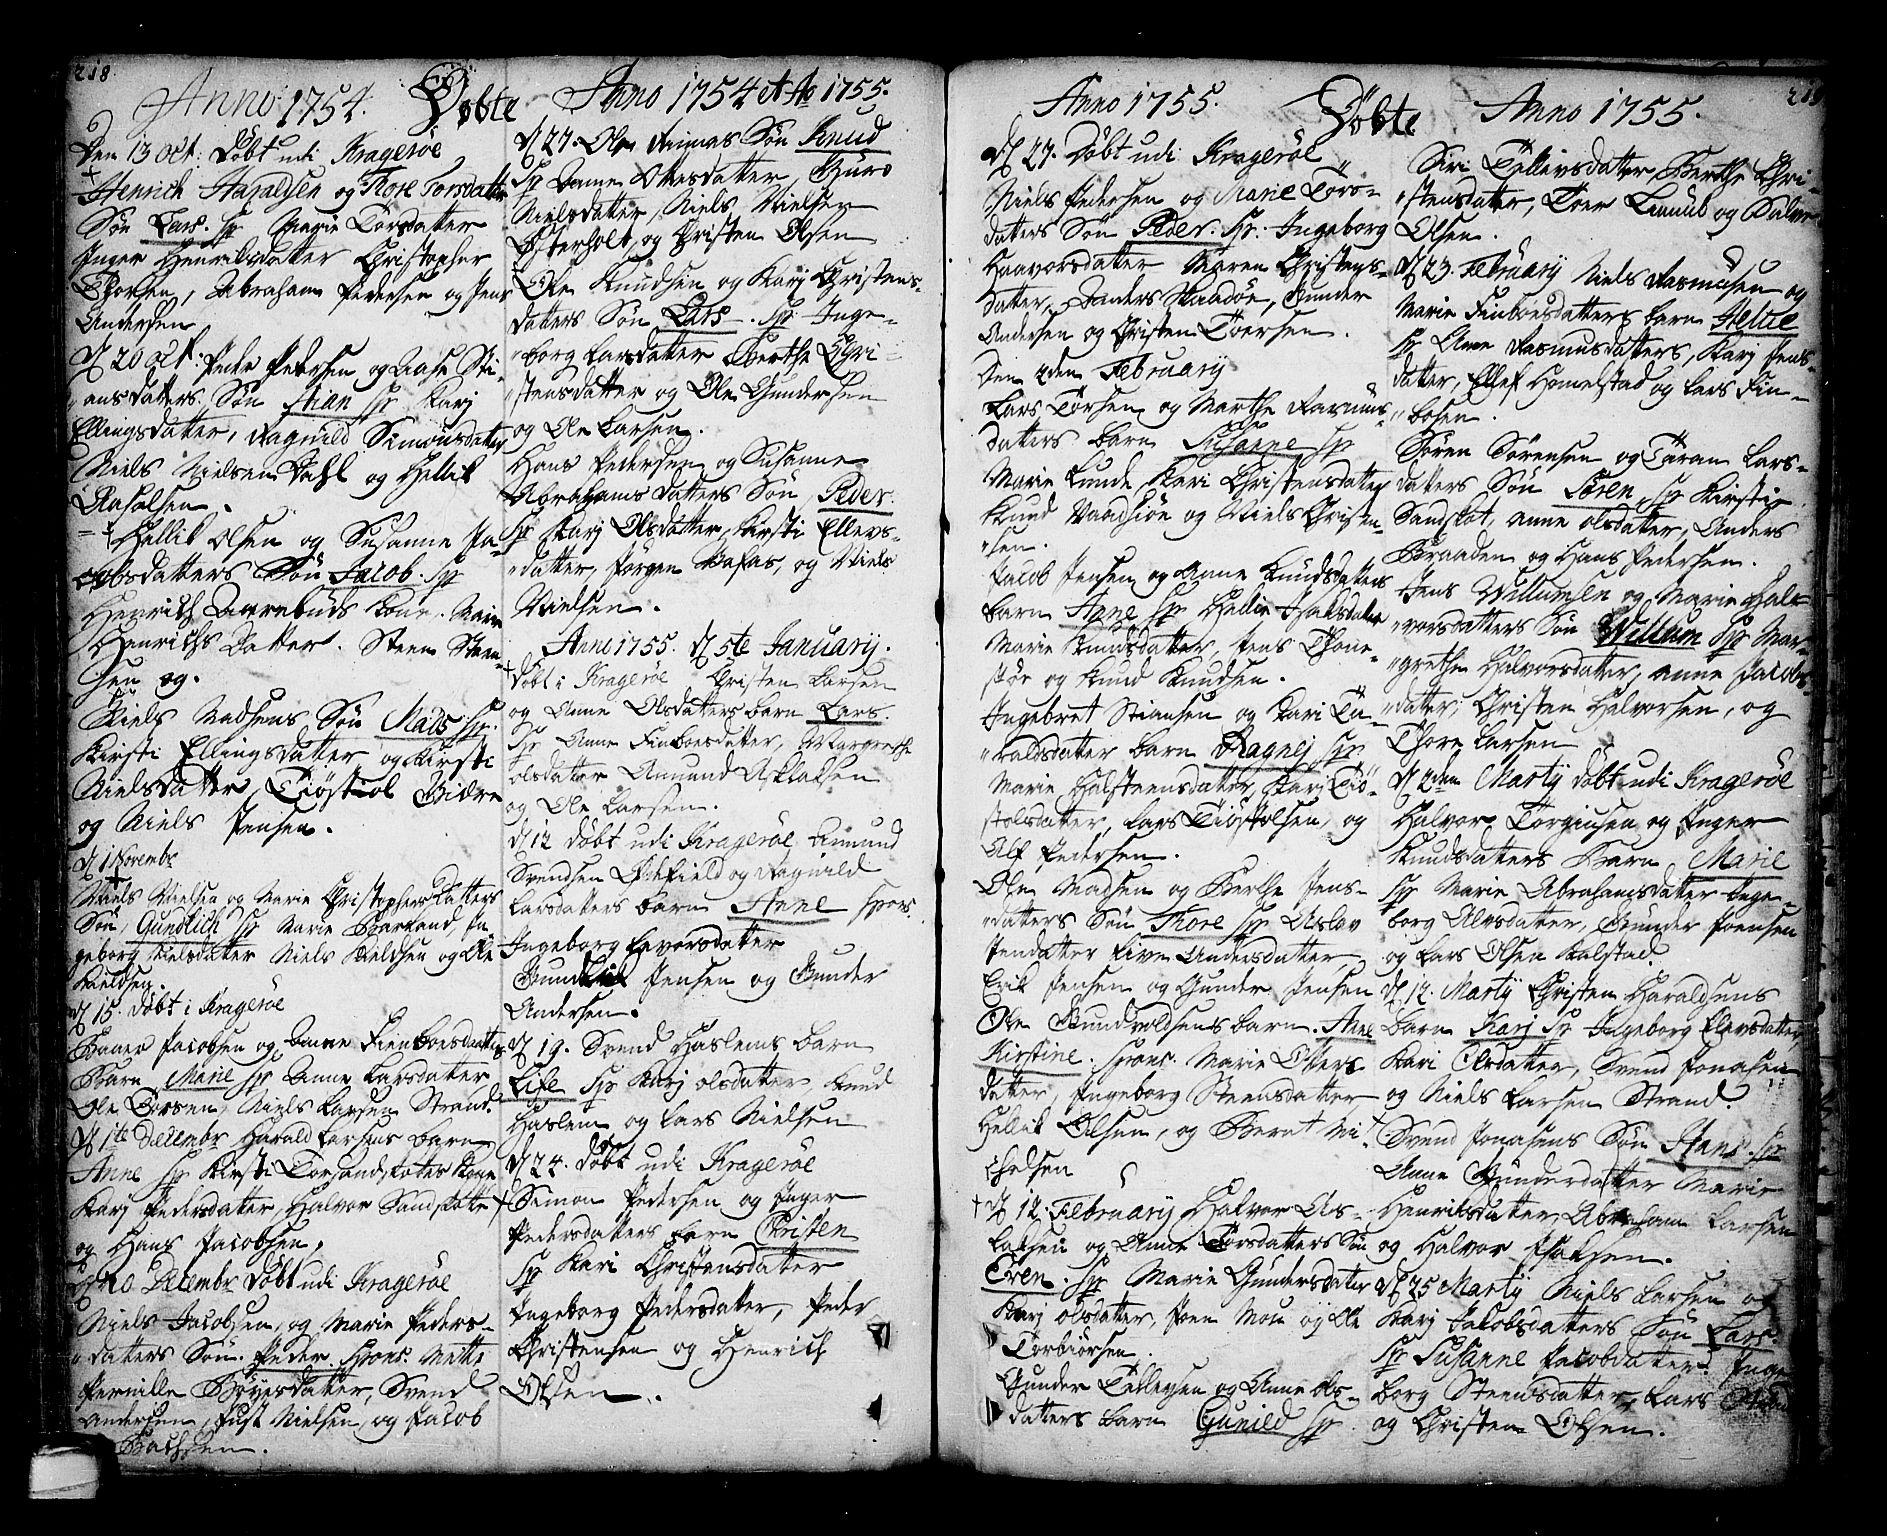 SAKO, Sannidal kirkebøker, F/Fa/L0001: Ministerialbok nr. 1, 1702-1766, s. 218-219